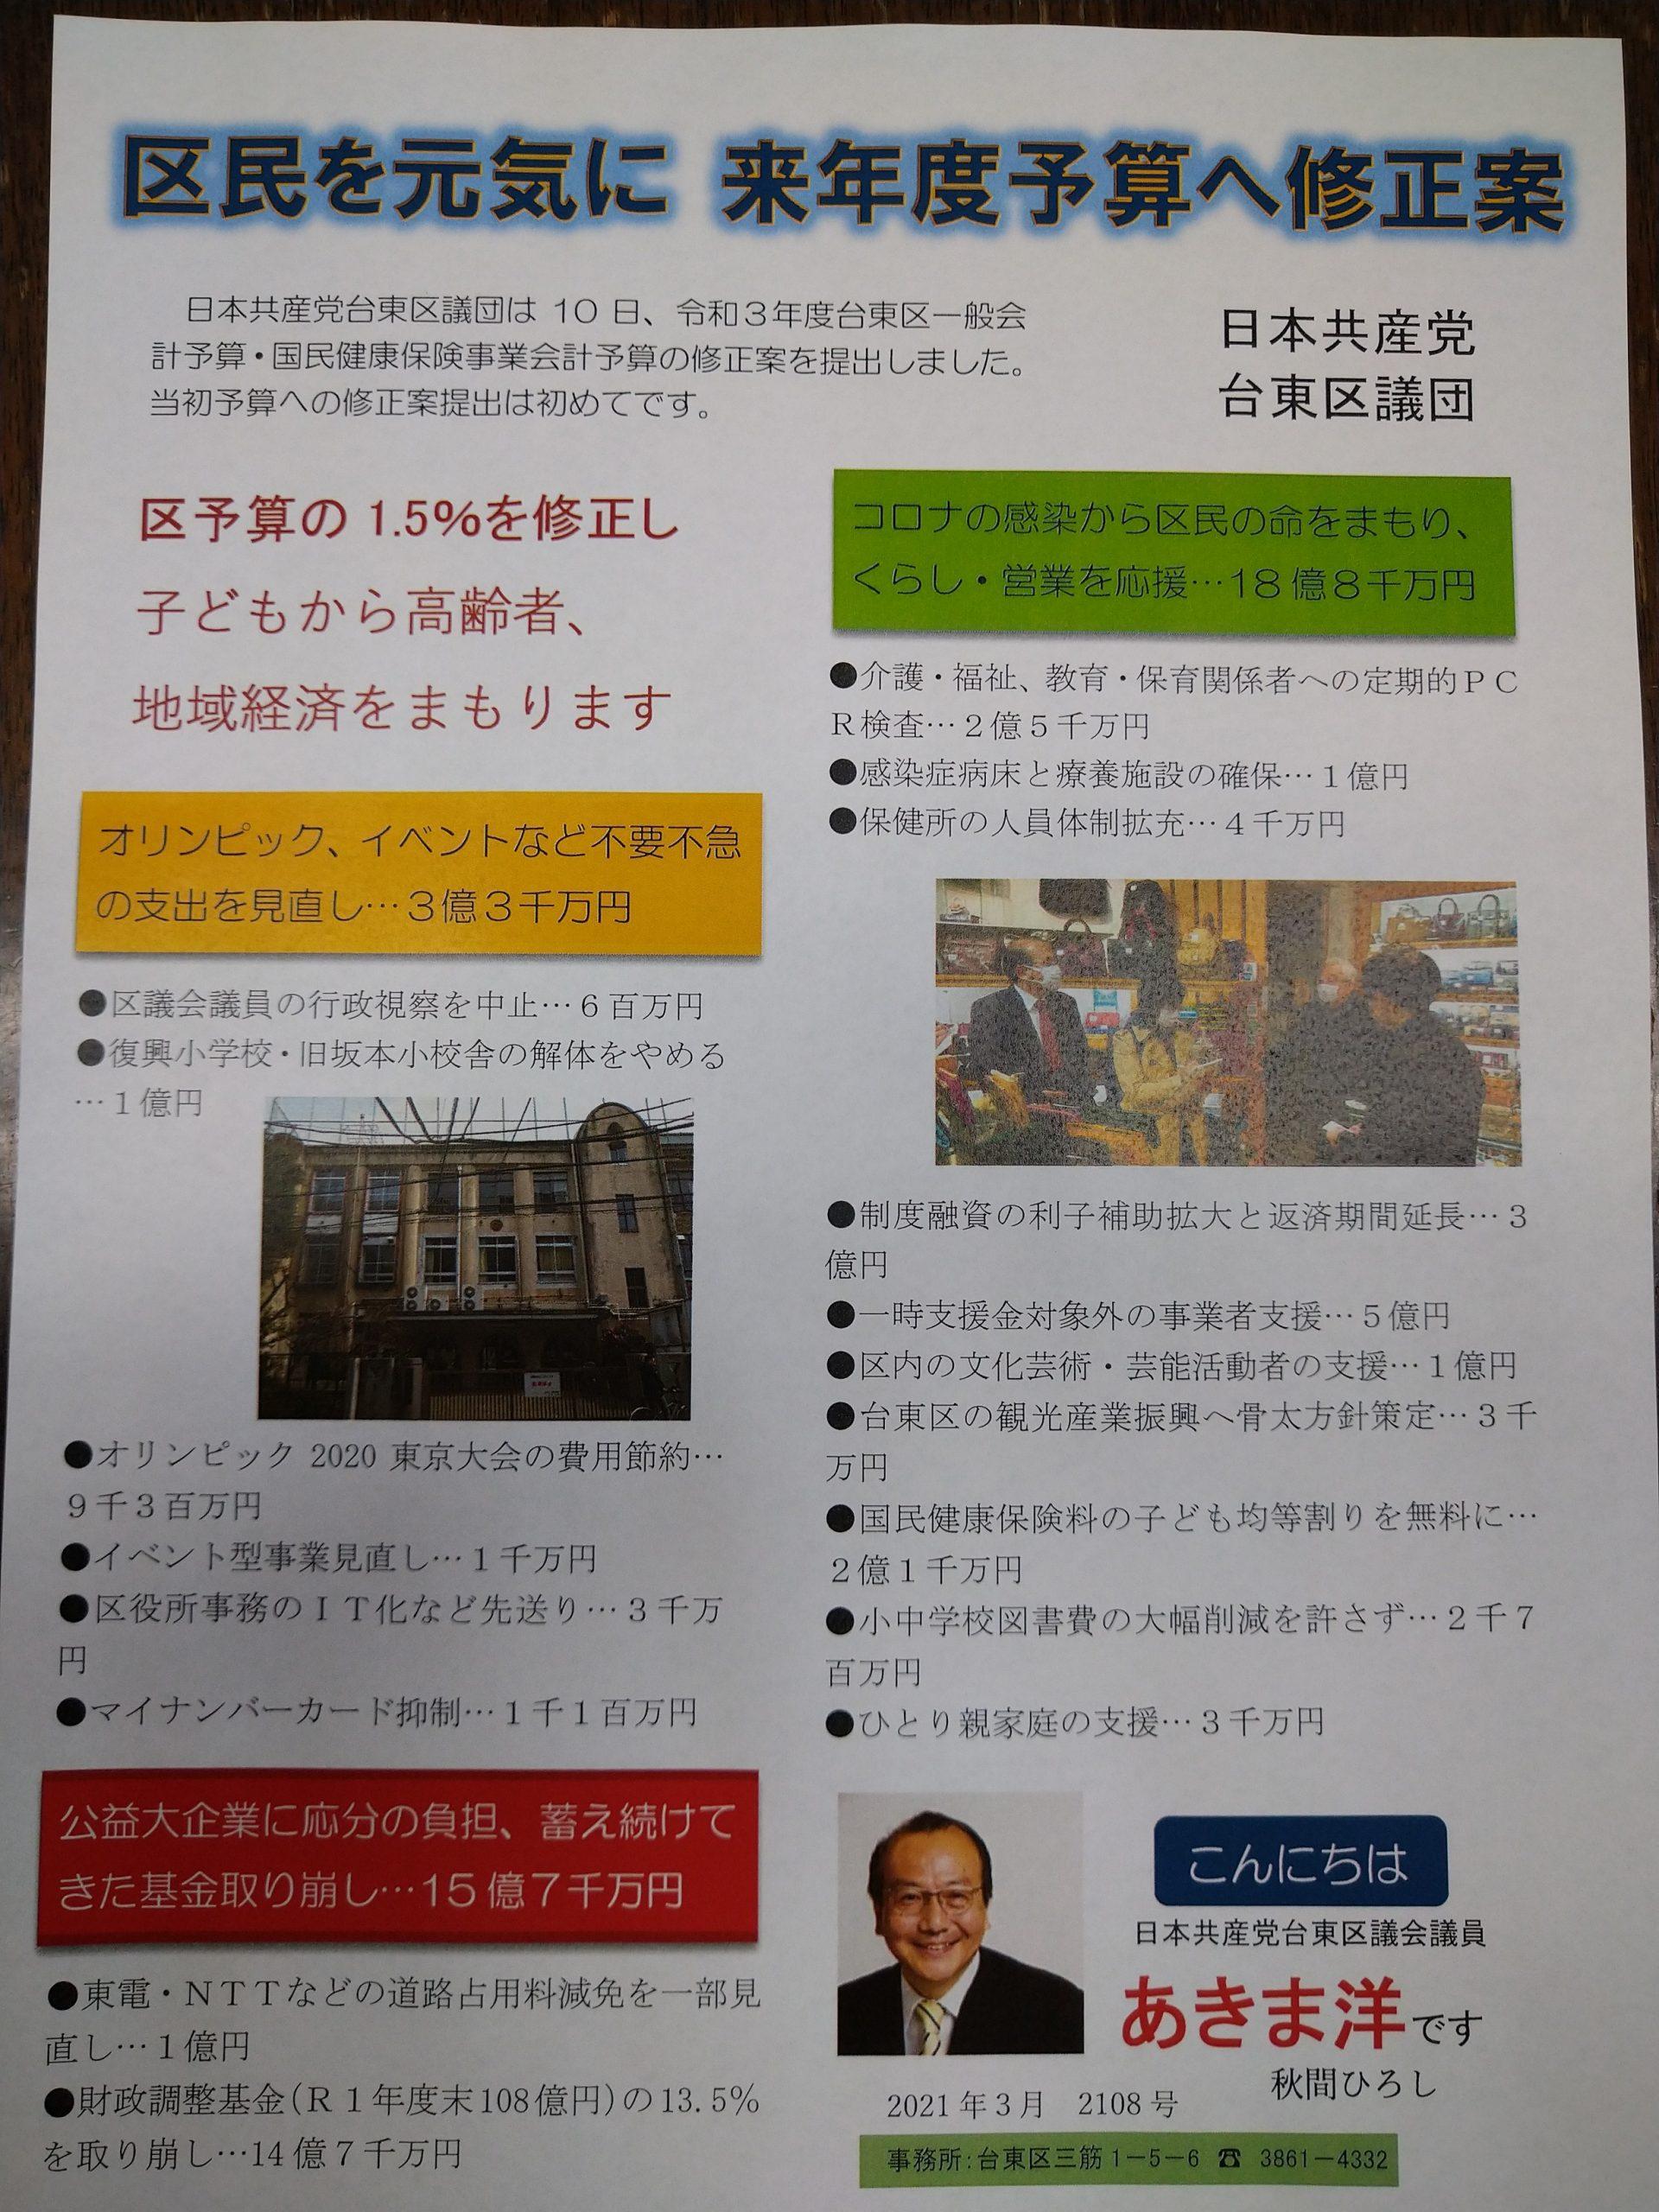 区民を元気に! 共産党台東区議団が予算修正案。他の会派は反対。